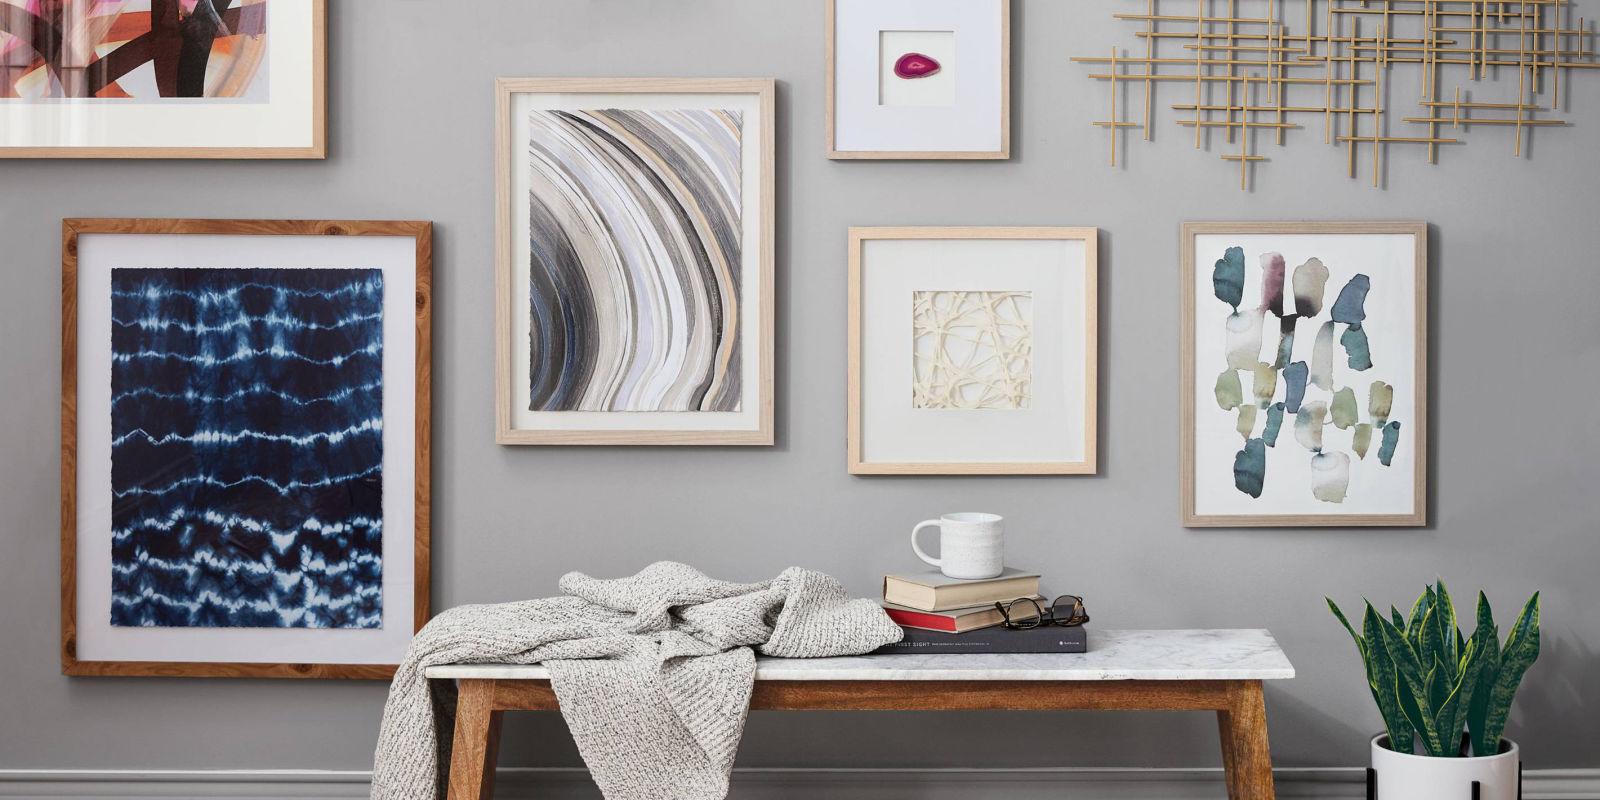 25 Best Target Home Decor 2018 - Unique Wall Decor ...